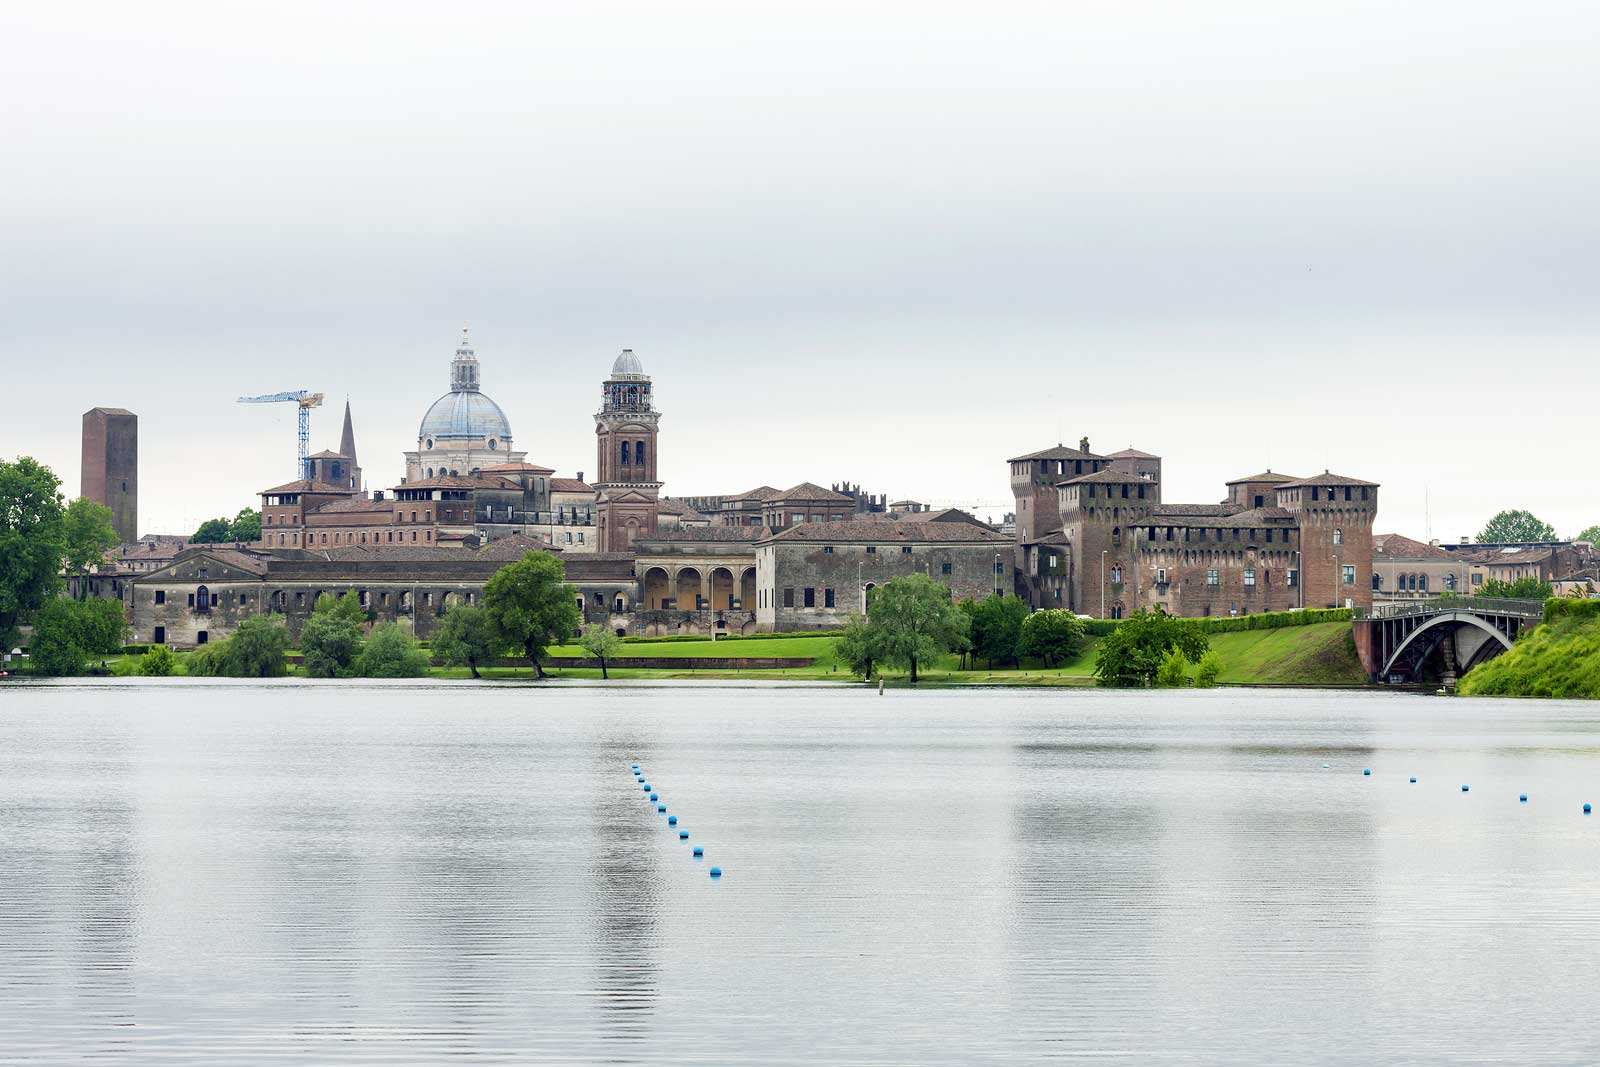 Guida alla città di Mantova